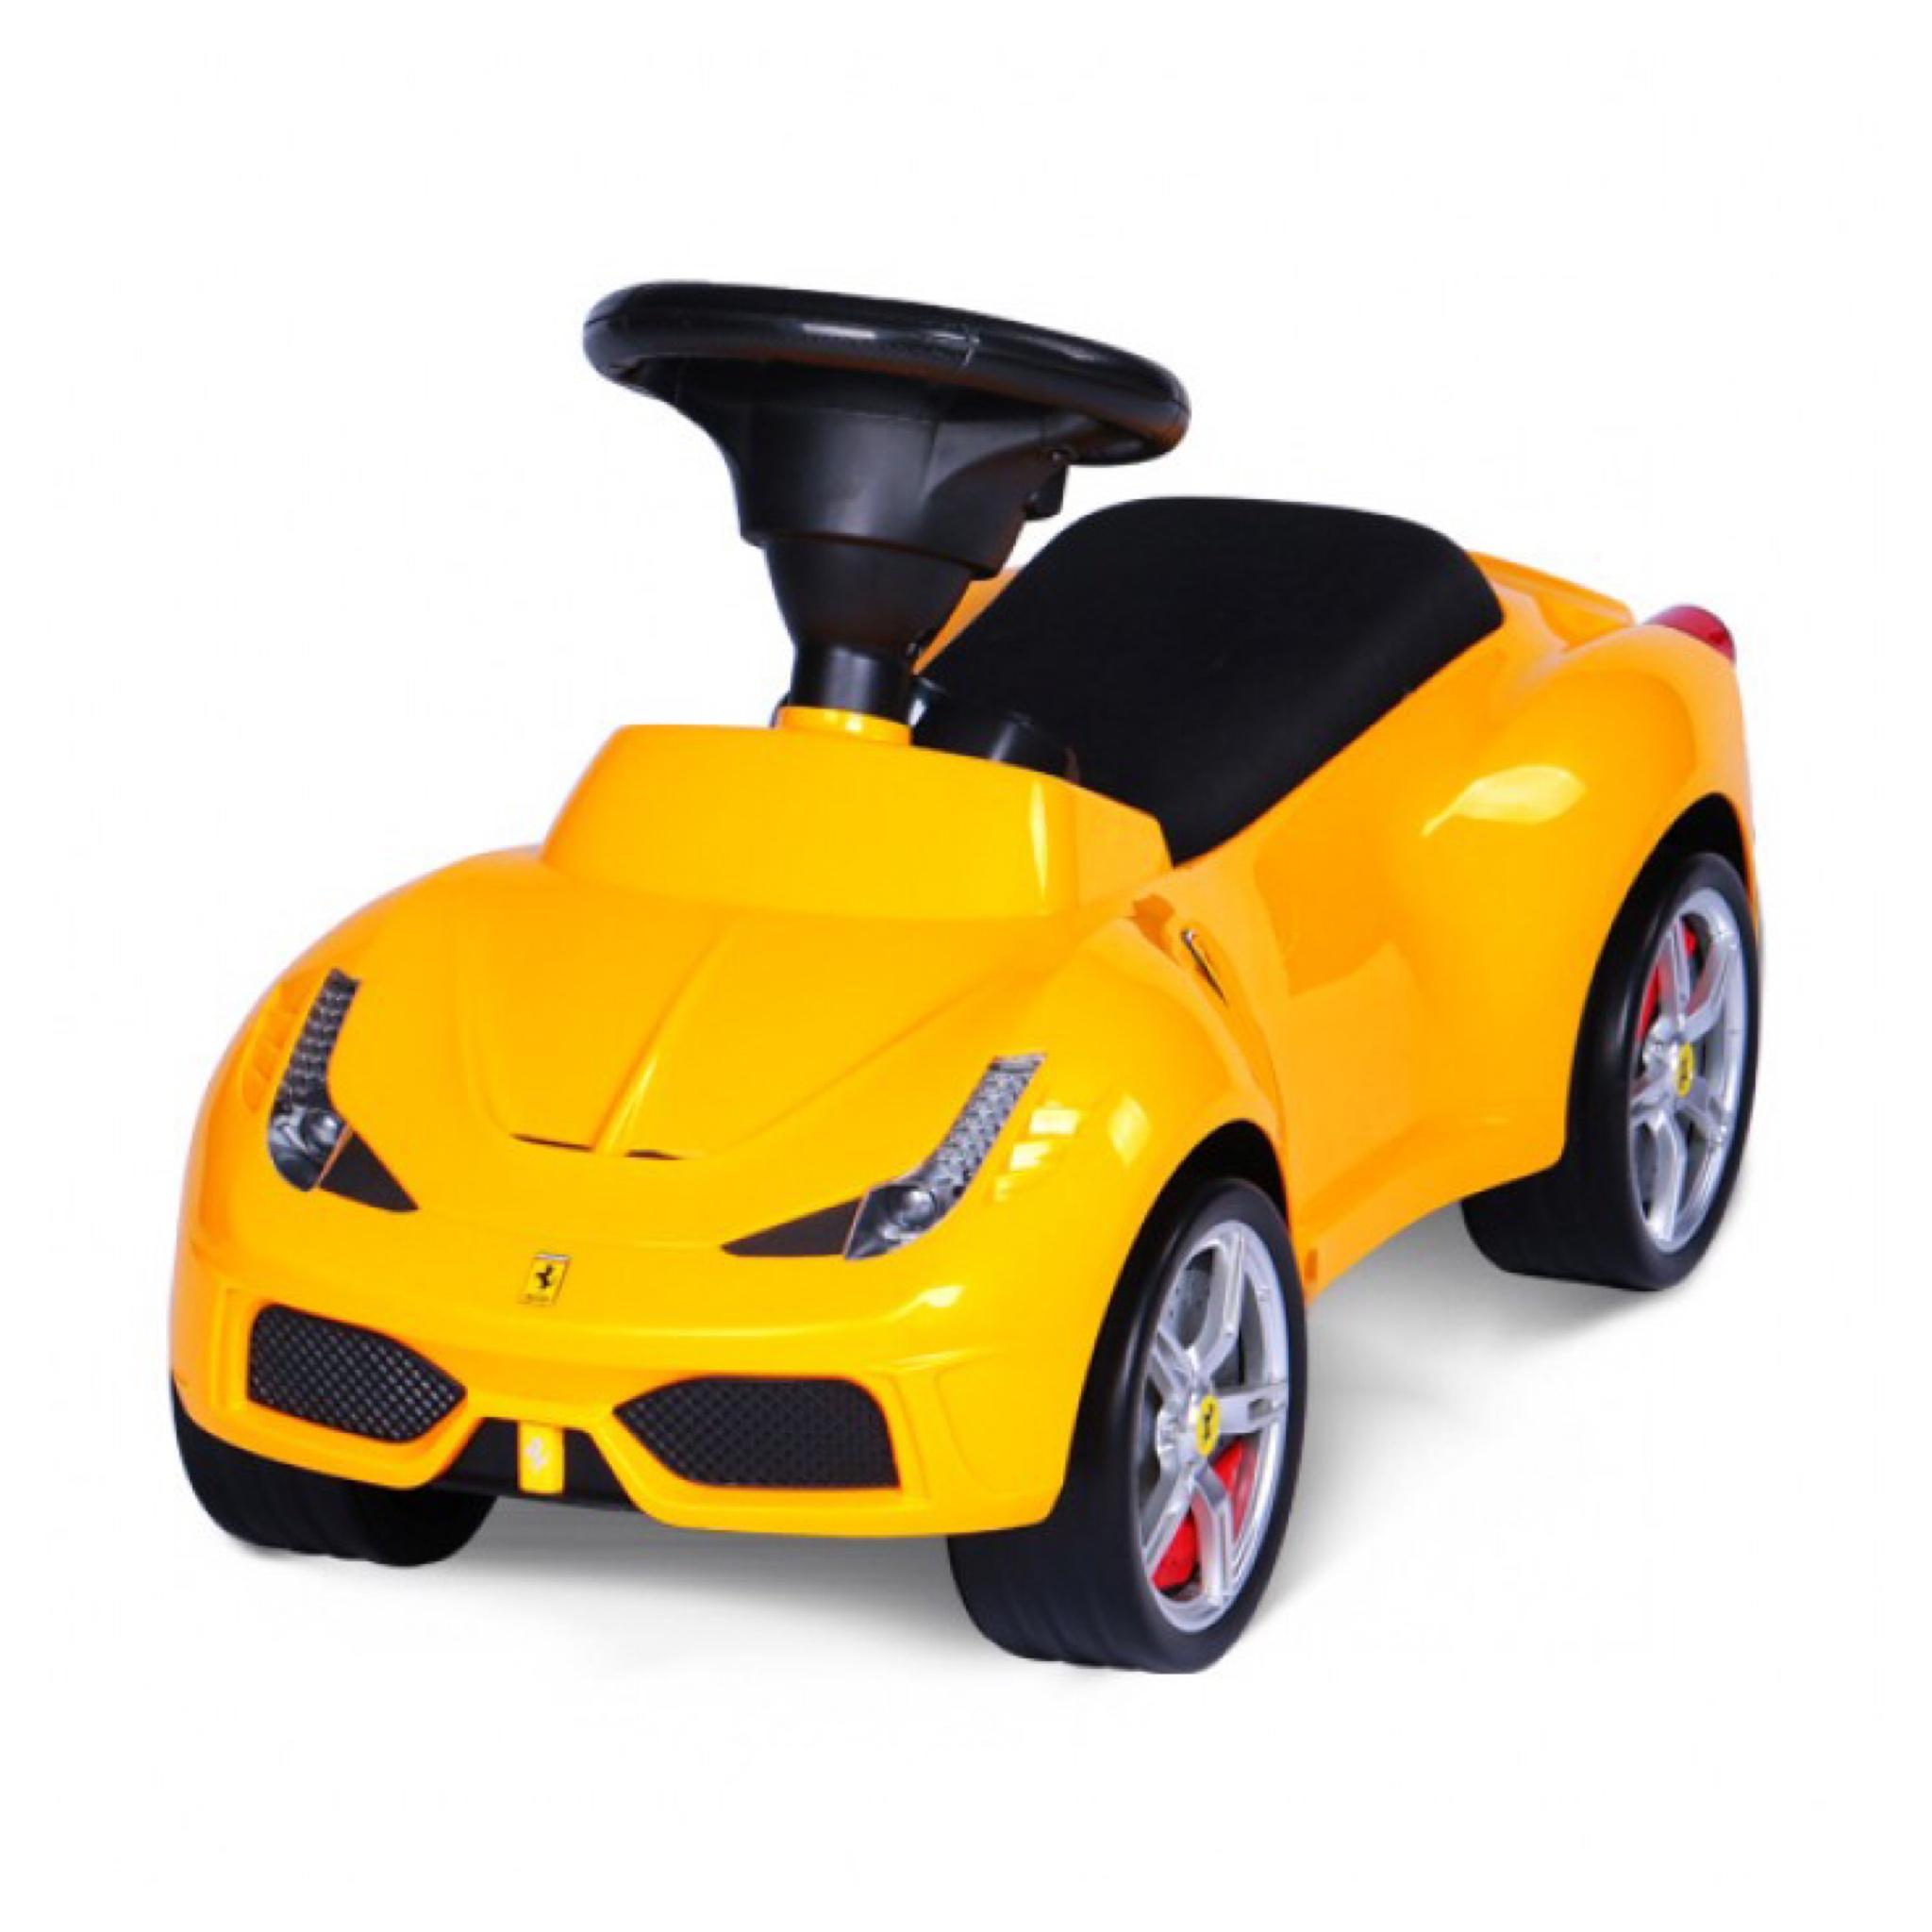 รถเฟอร์รารี่ขาไถสุดหรู Rastar Ferrari 458 Speciale A Foot-to-Floor Push Car (Yellow)